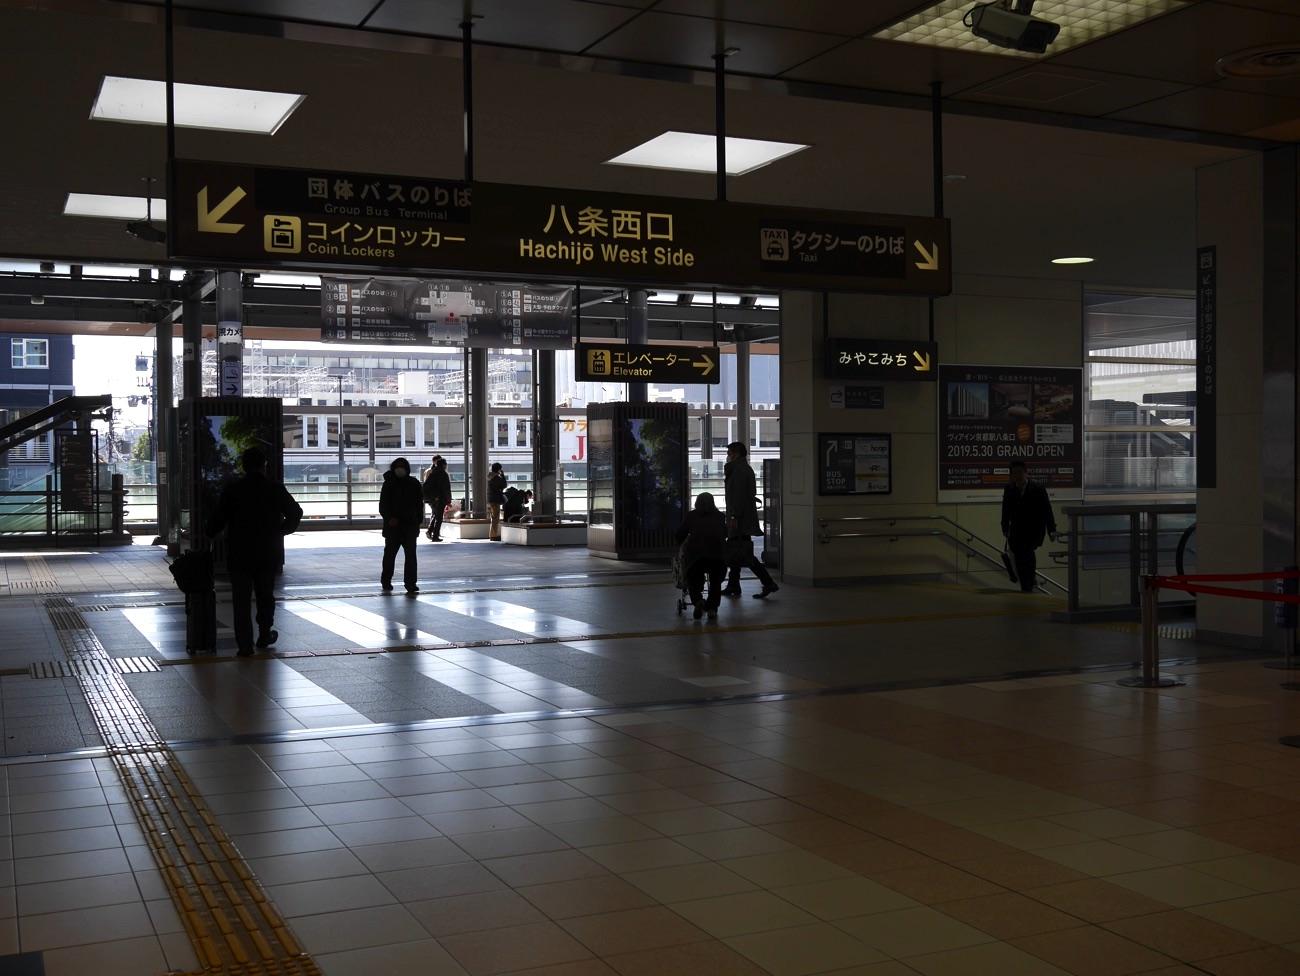 新幹線中央口の近く